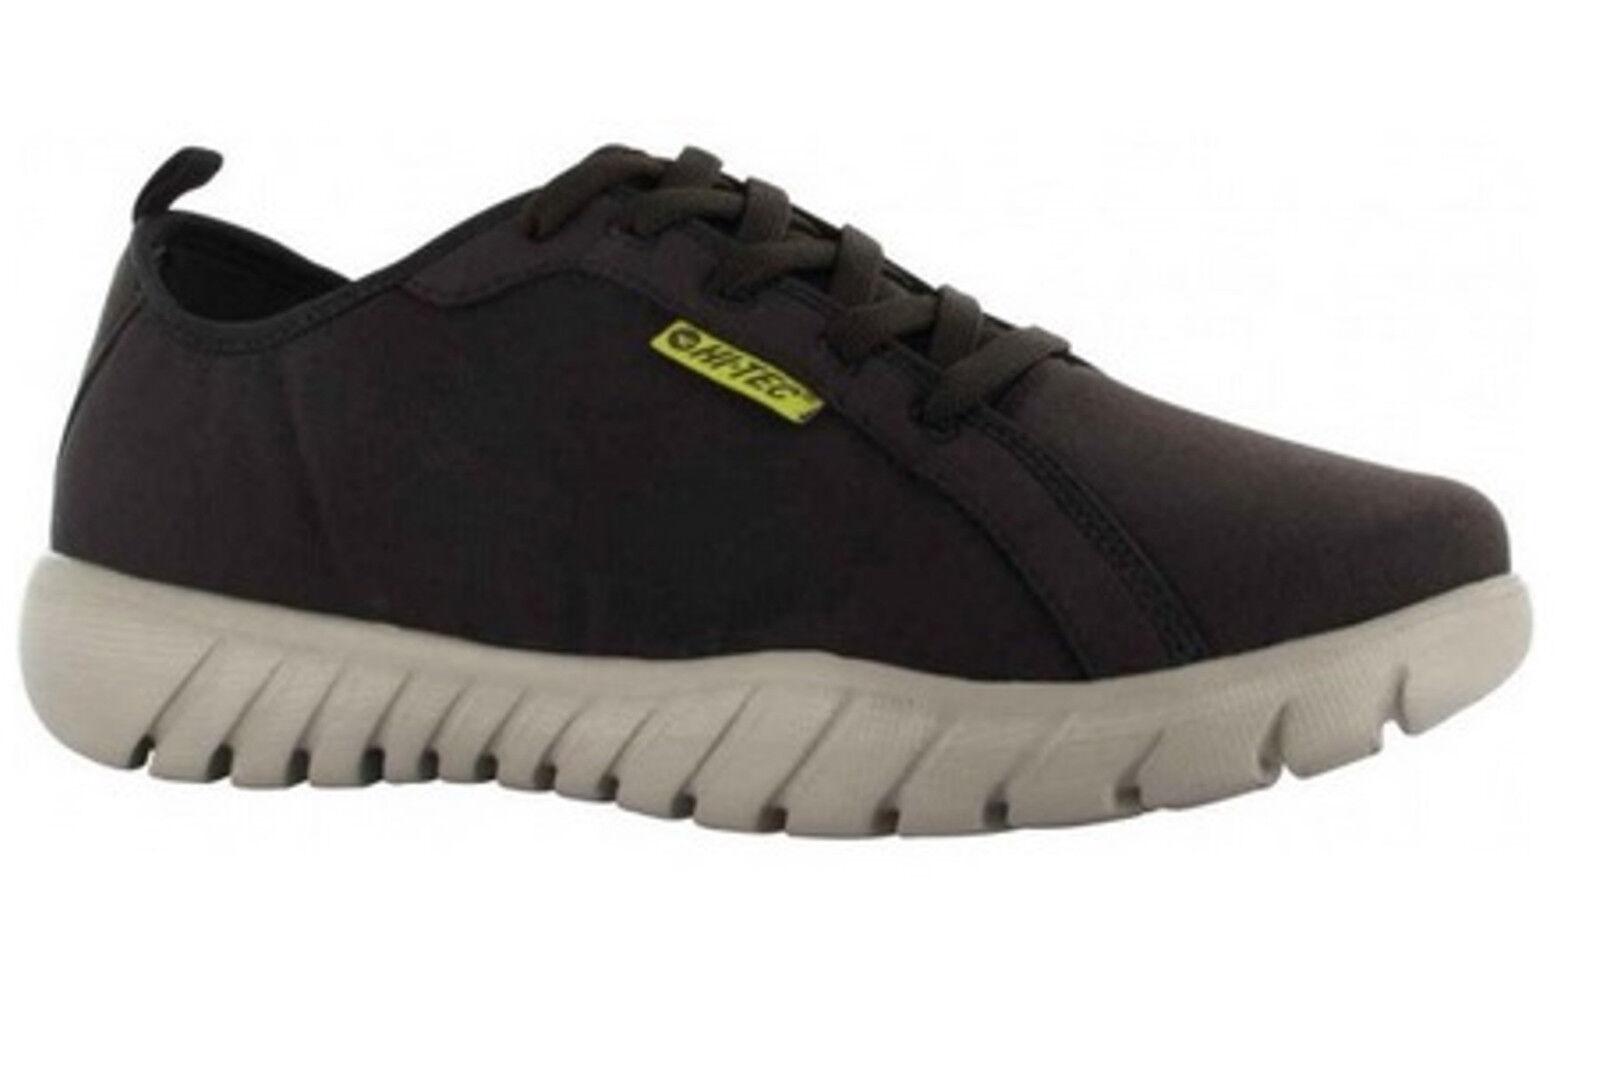 Hi-Tec Active Reco Lace Uomo Outdoor Casual  Shoes Brown US Size 12